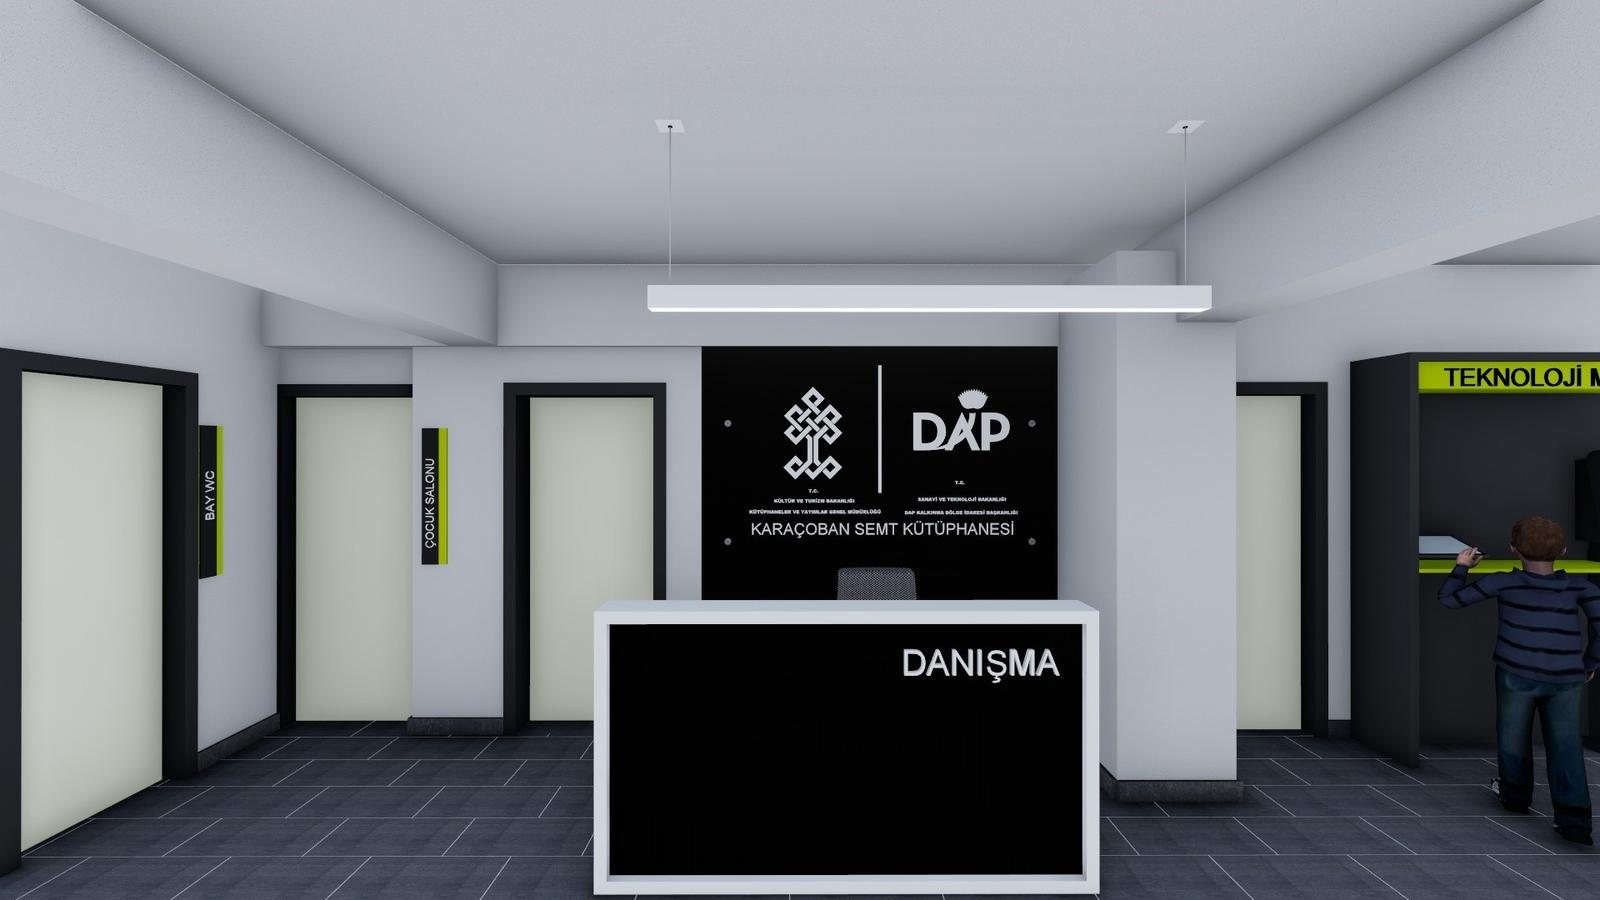 T.C. Kültür ve Turizm Bakanlığı KYGM / T.C. Sanayi ve Teknoloji Bakanlığı DAP / Erzurum Karaçoban Semt Kütüphanesi